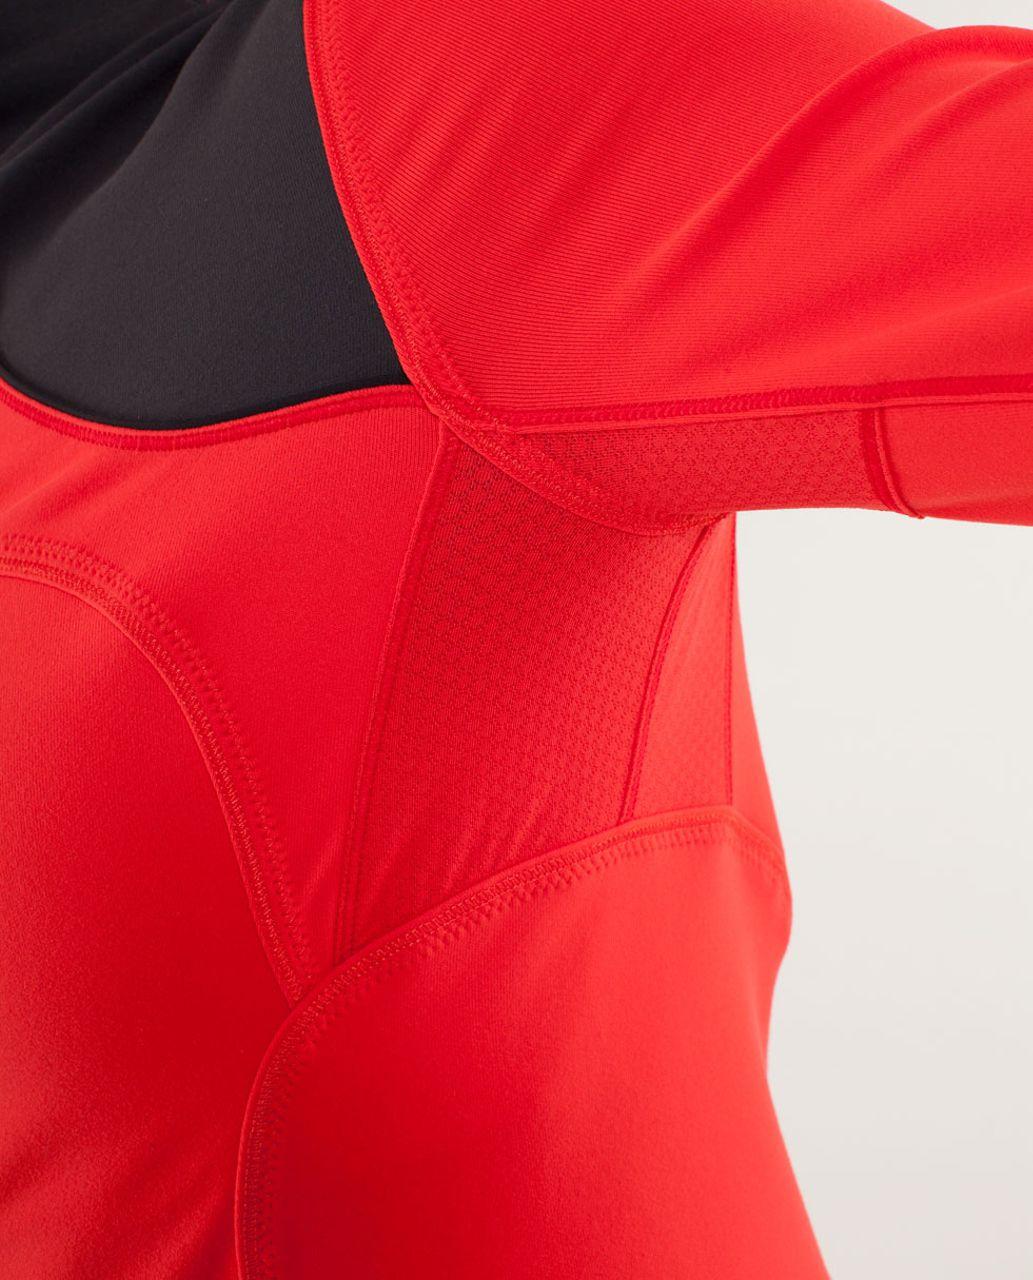 Lululemon Forme Jacket *Brushed - Love Red / Deep Coal